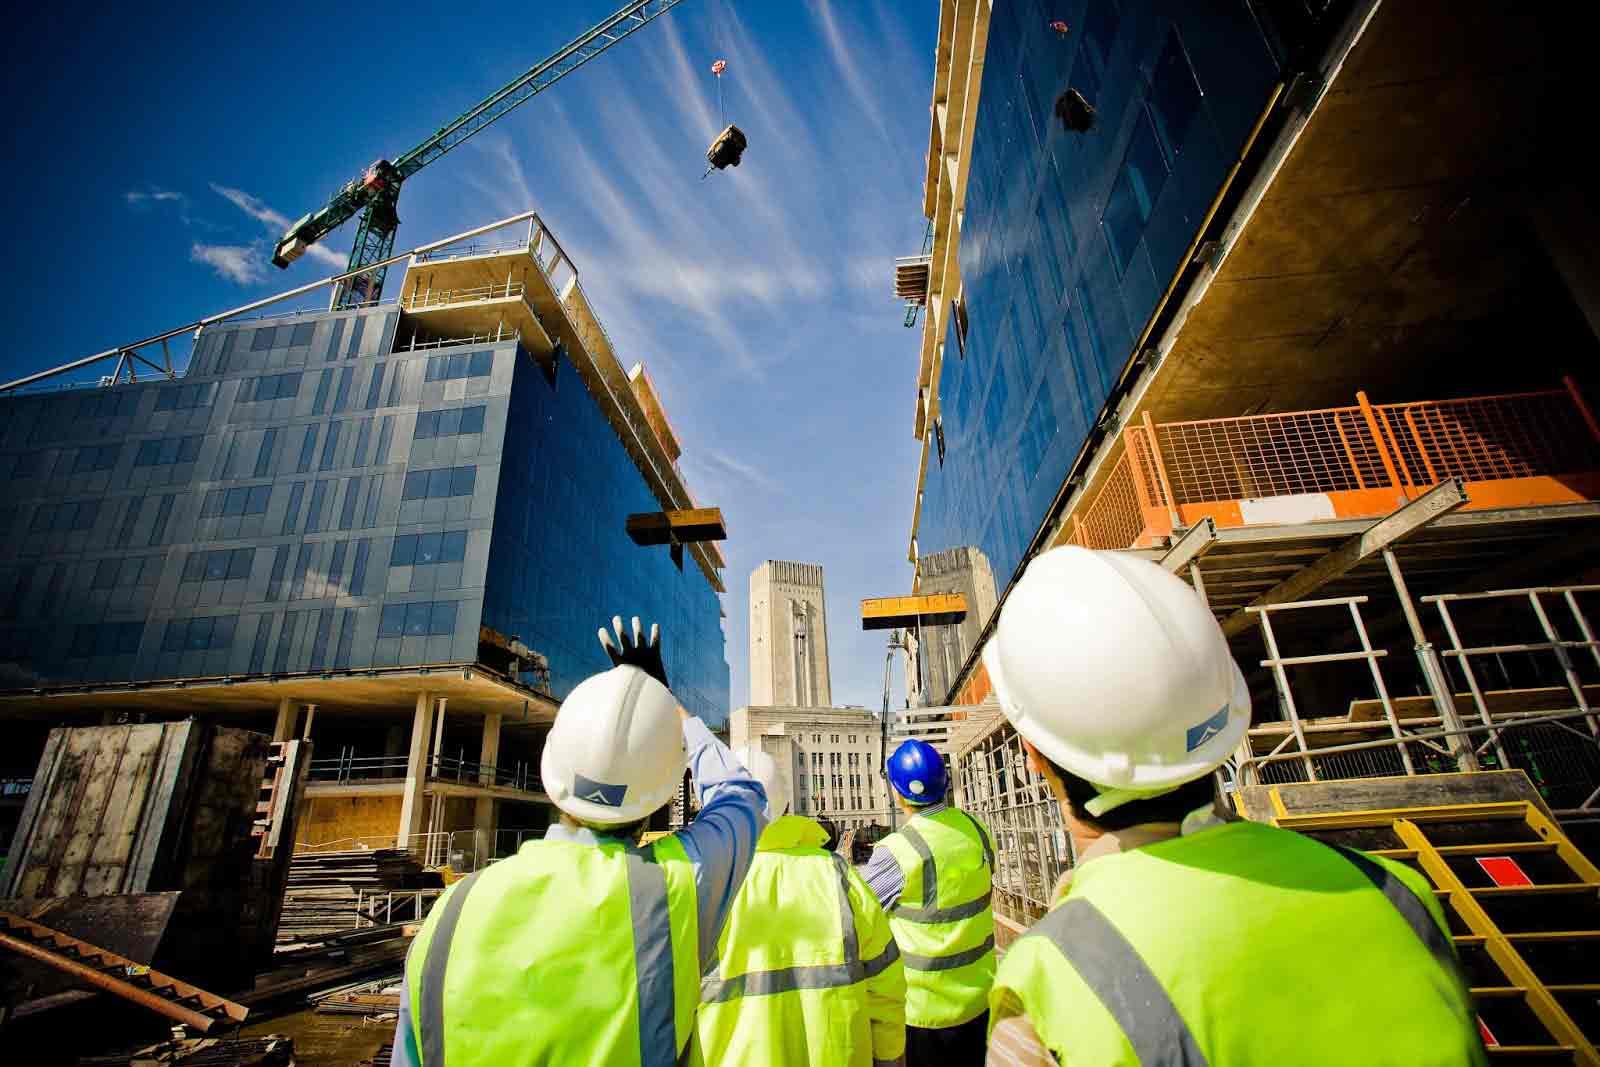 Làm thế nào để chọn được nhà thầu xây dựng uy tín?